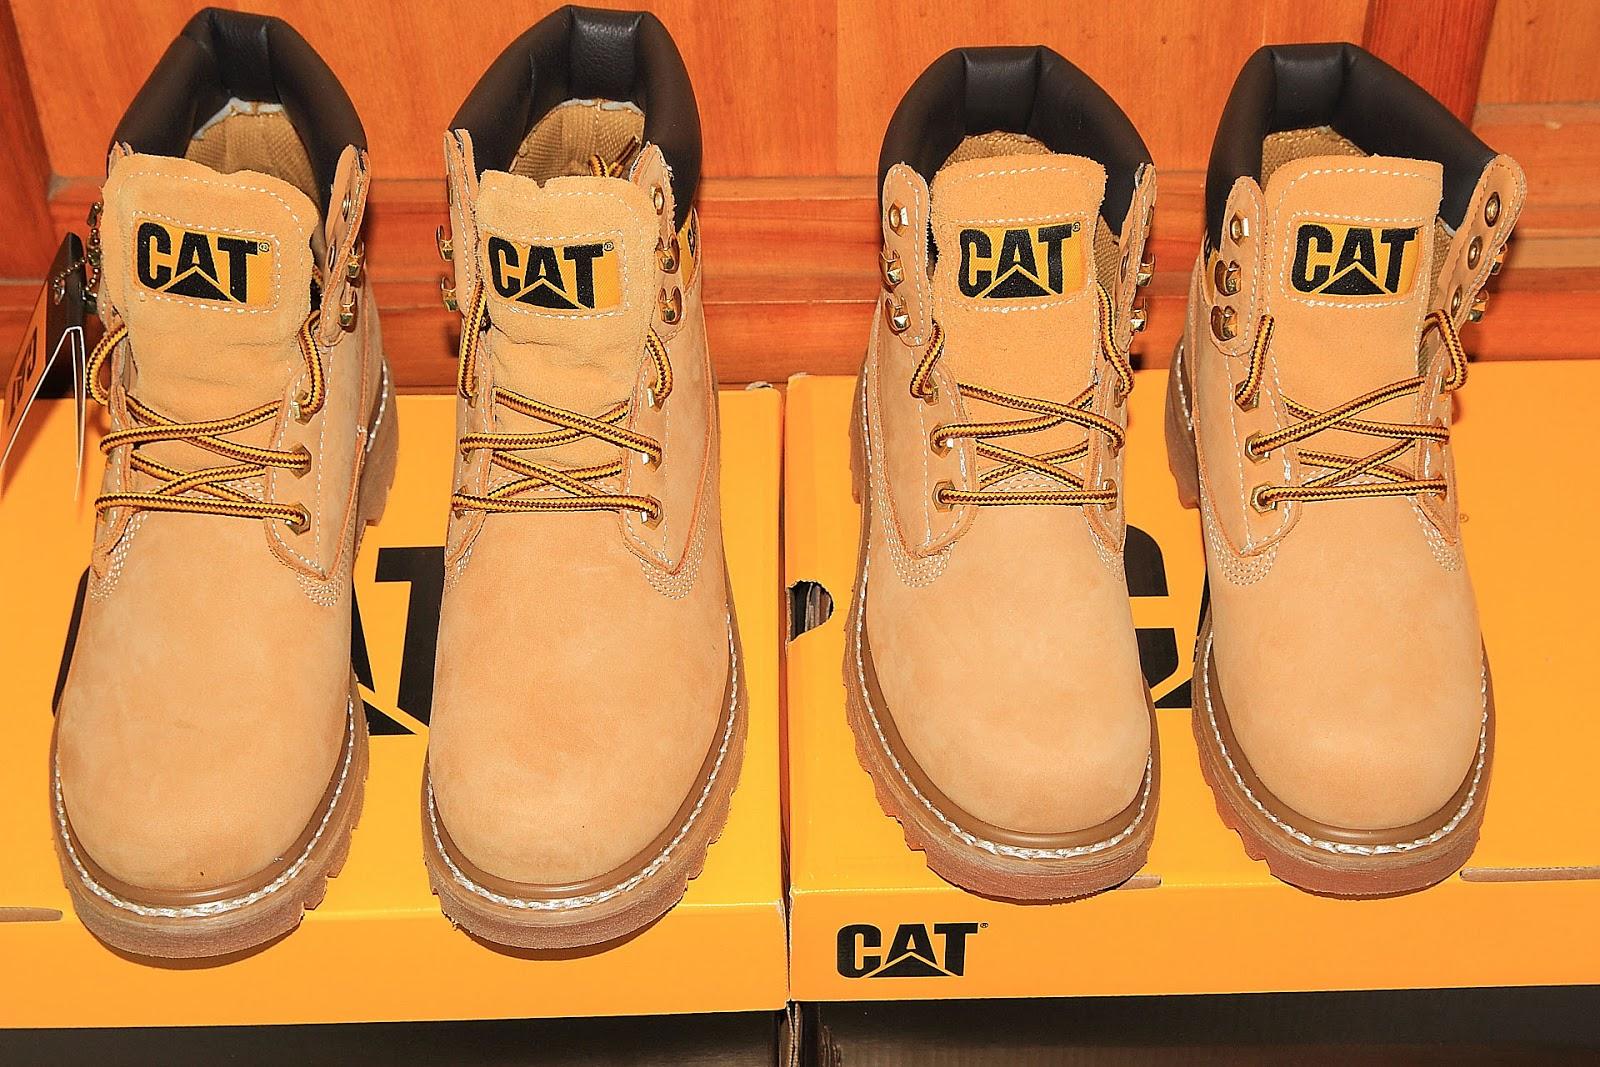 免費軟體資訊: 「敗家日記」CATERPILLAR (CAT) 取代 Timberland 經典黃靴